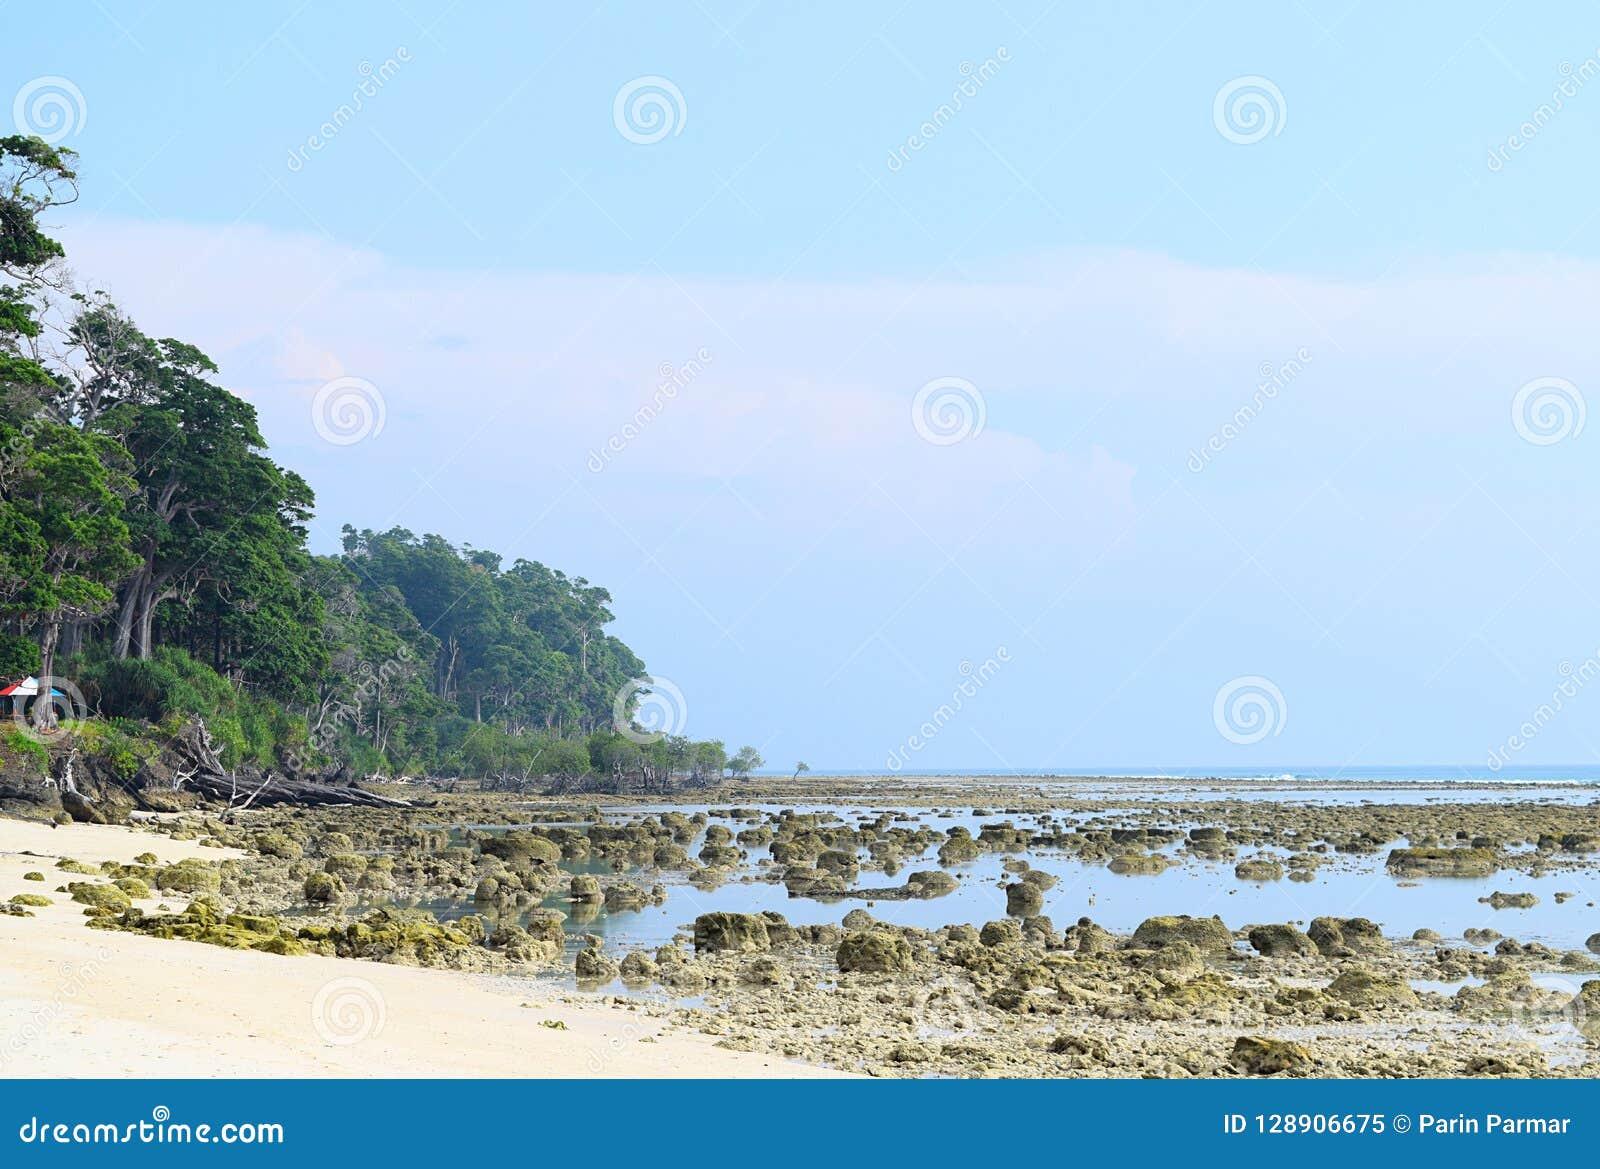 Ψηλά δέντρα, κυανό θαλάσσιο νερό, δύσκολη και αμμώδης παλιή παραλία, και σαφής μπλε ουρανός - σημείο ηλιοβασιλέματος, Laxmanpur,